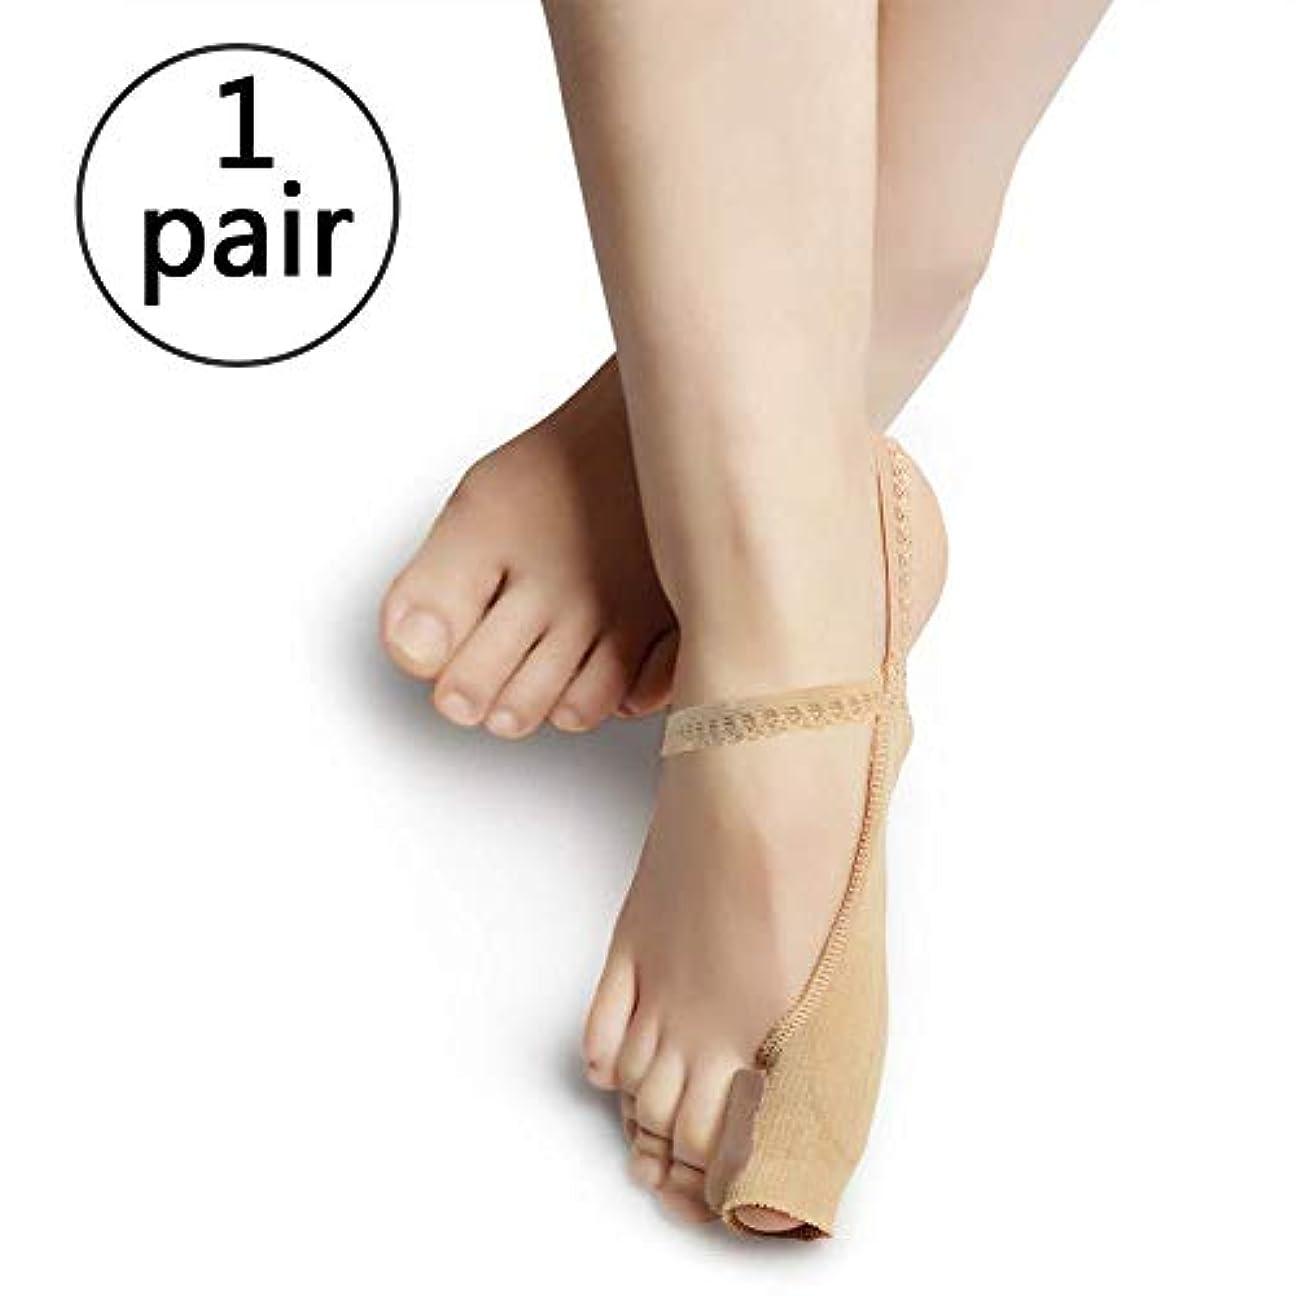 共感する放棄する独立した腱膜瘤矯正装置、つま先オーバーラップつま先カバーのユニークなかかとストラップは簡単に倒れません。,L